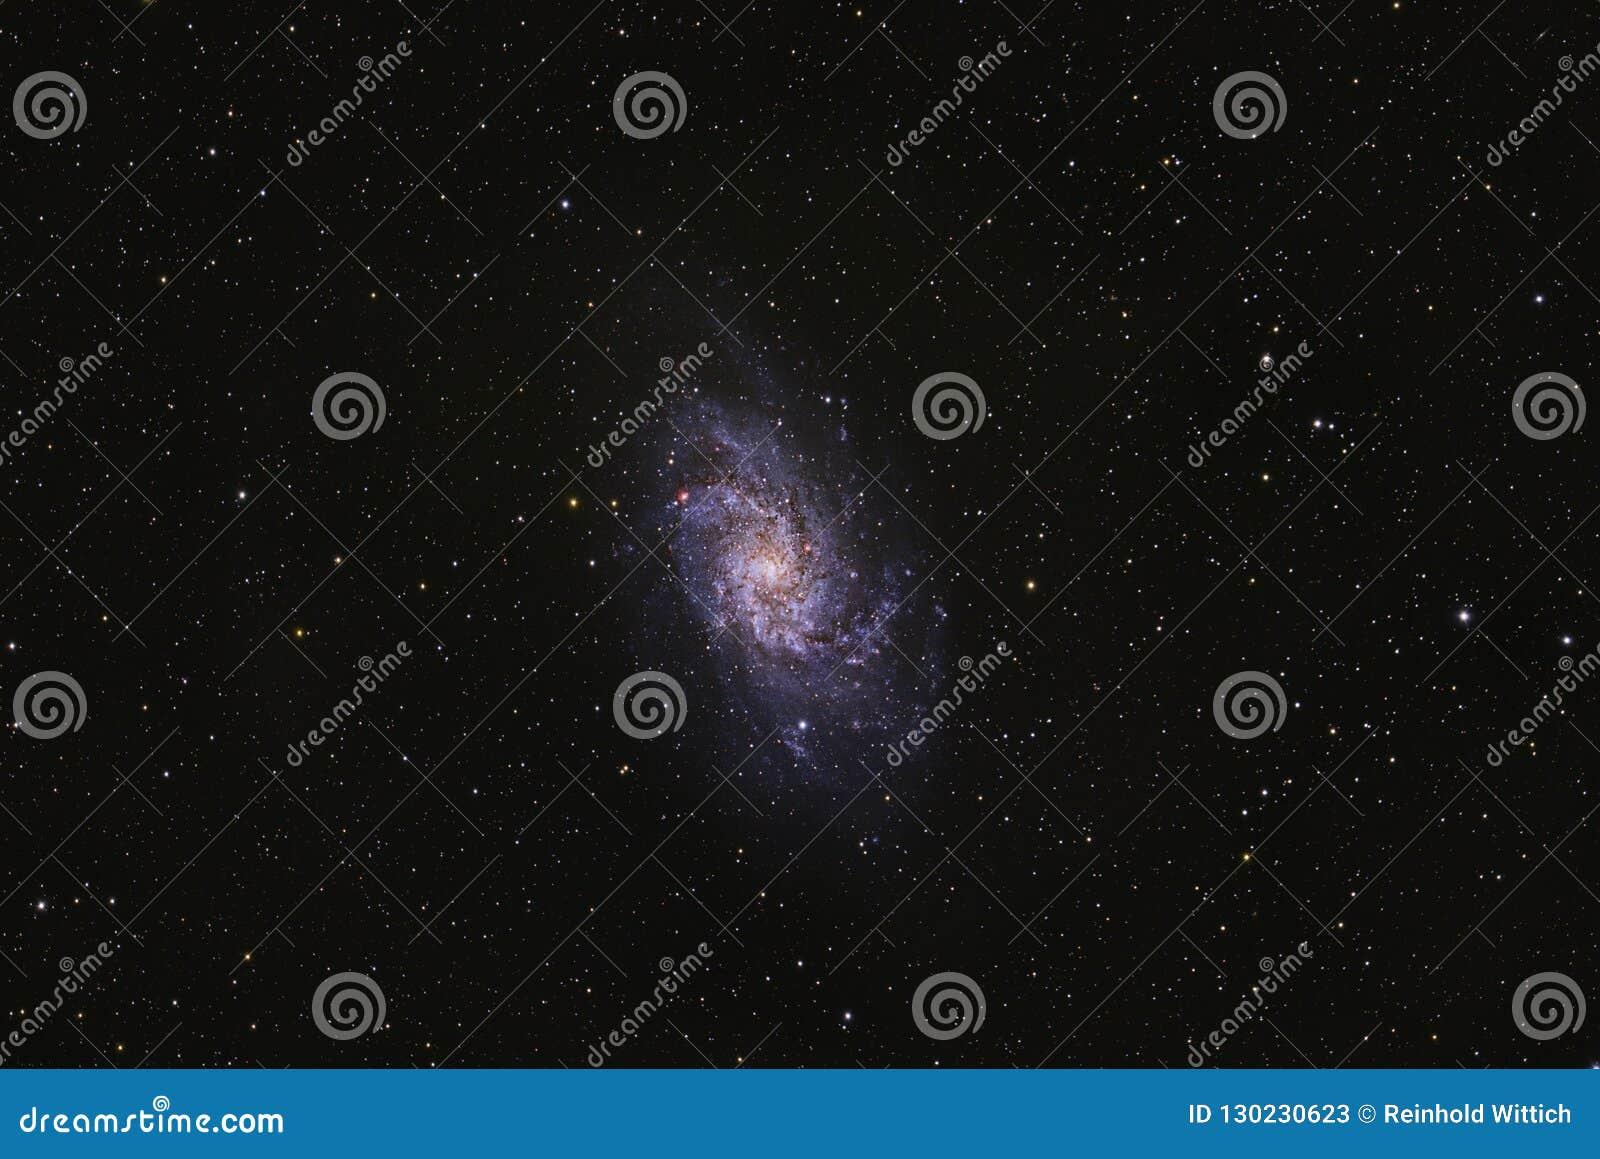 M33 Triangulum Galaxy wide field